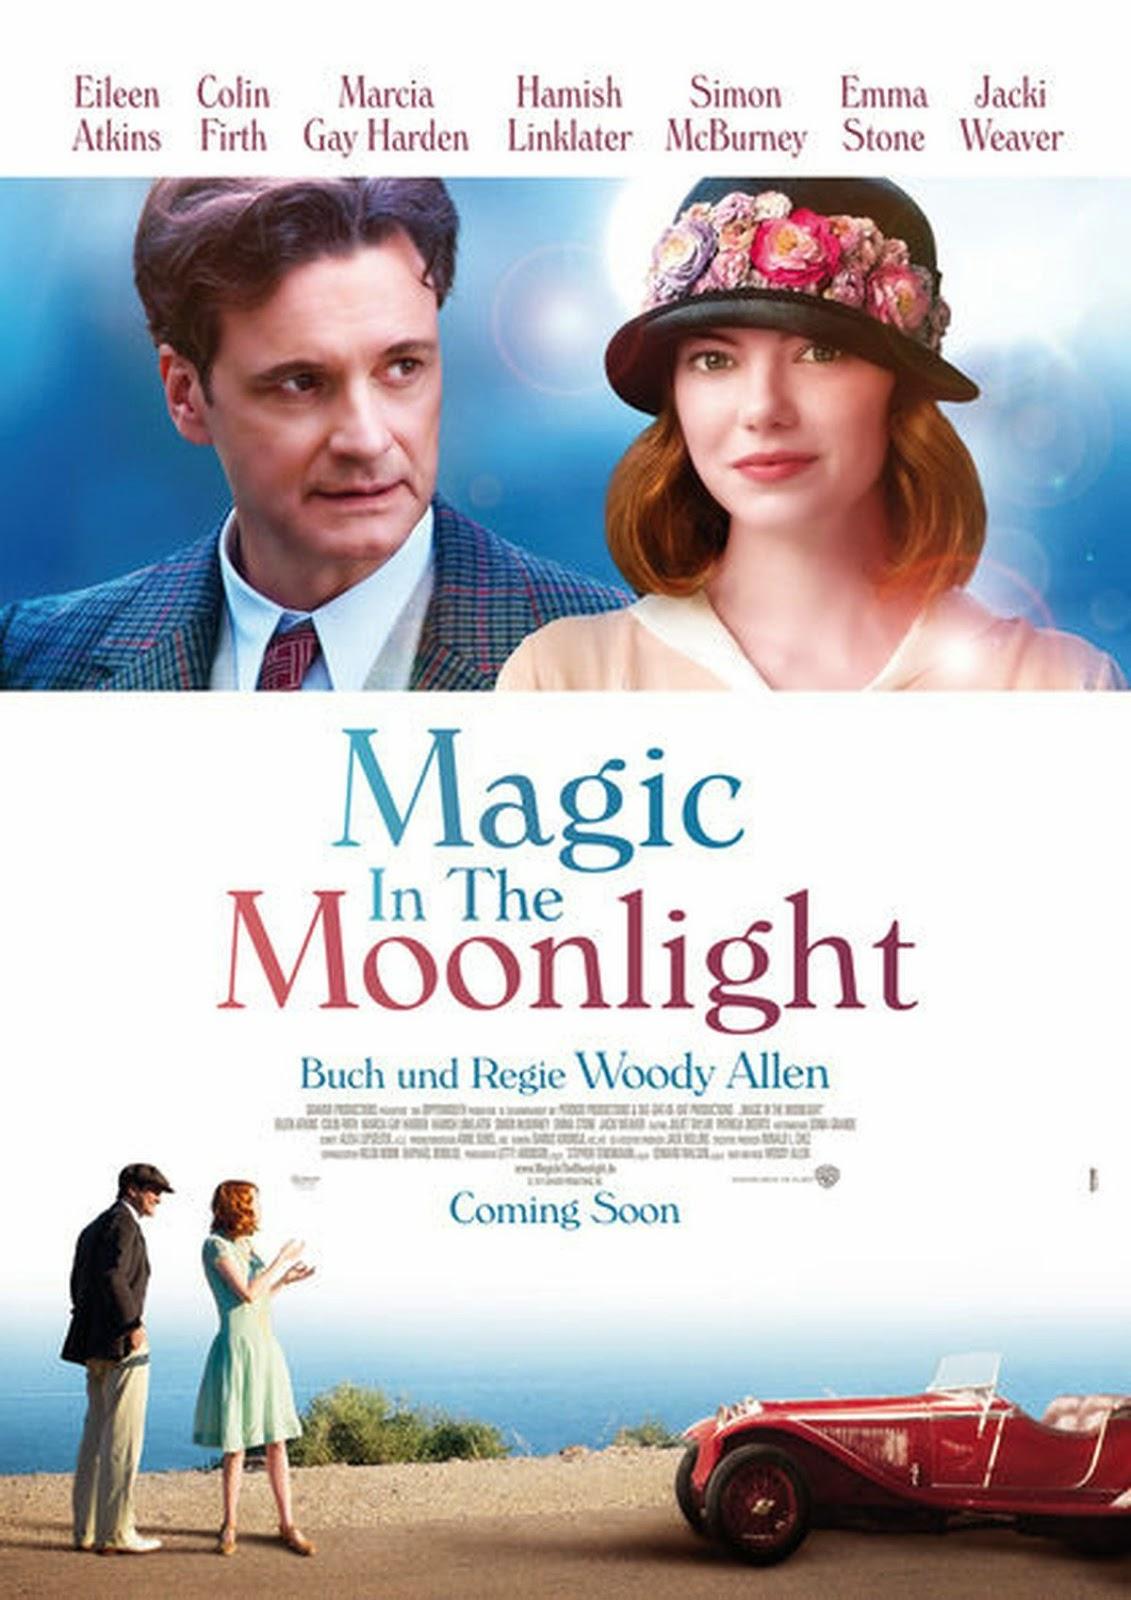 Magic in the Moonlight รักนั้นพระจันทร์ดลใจ [HD][พากย์ไทย]